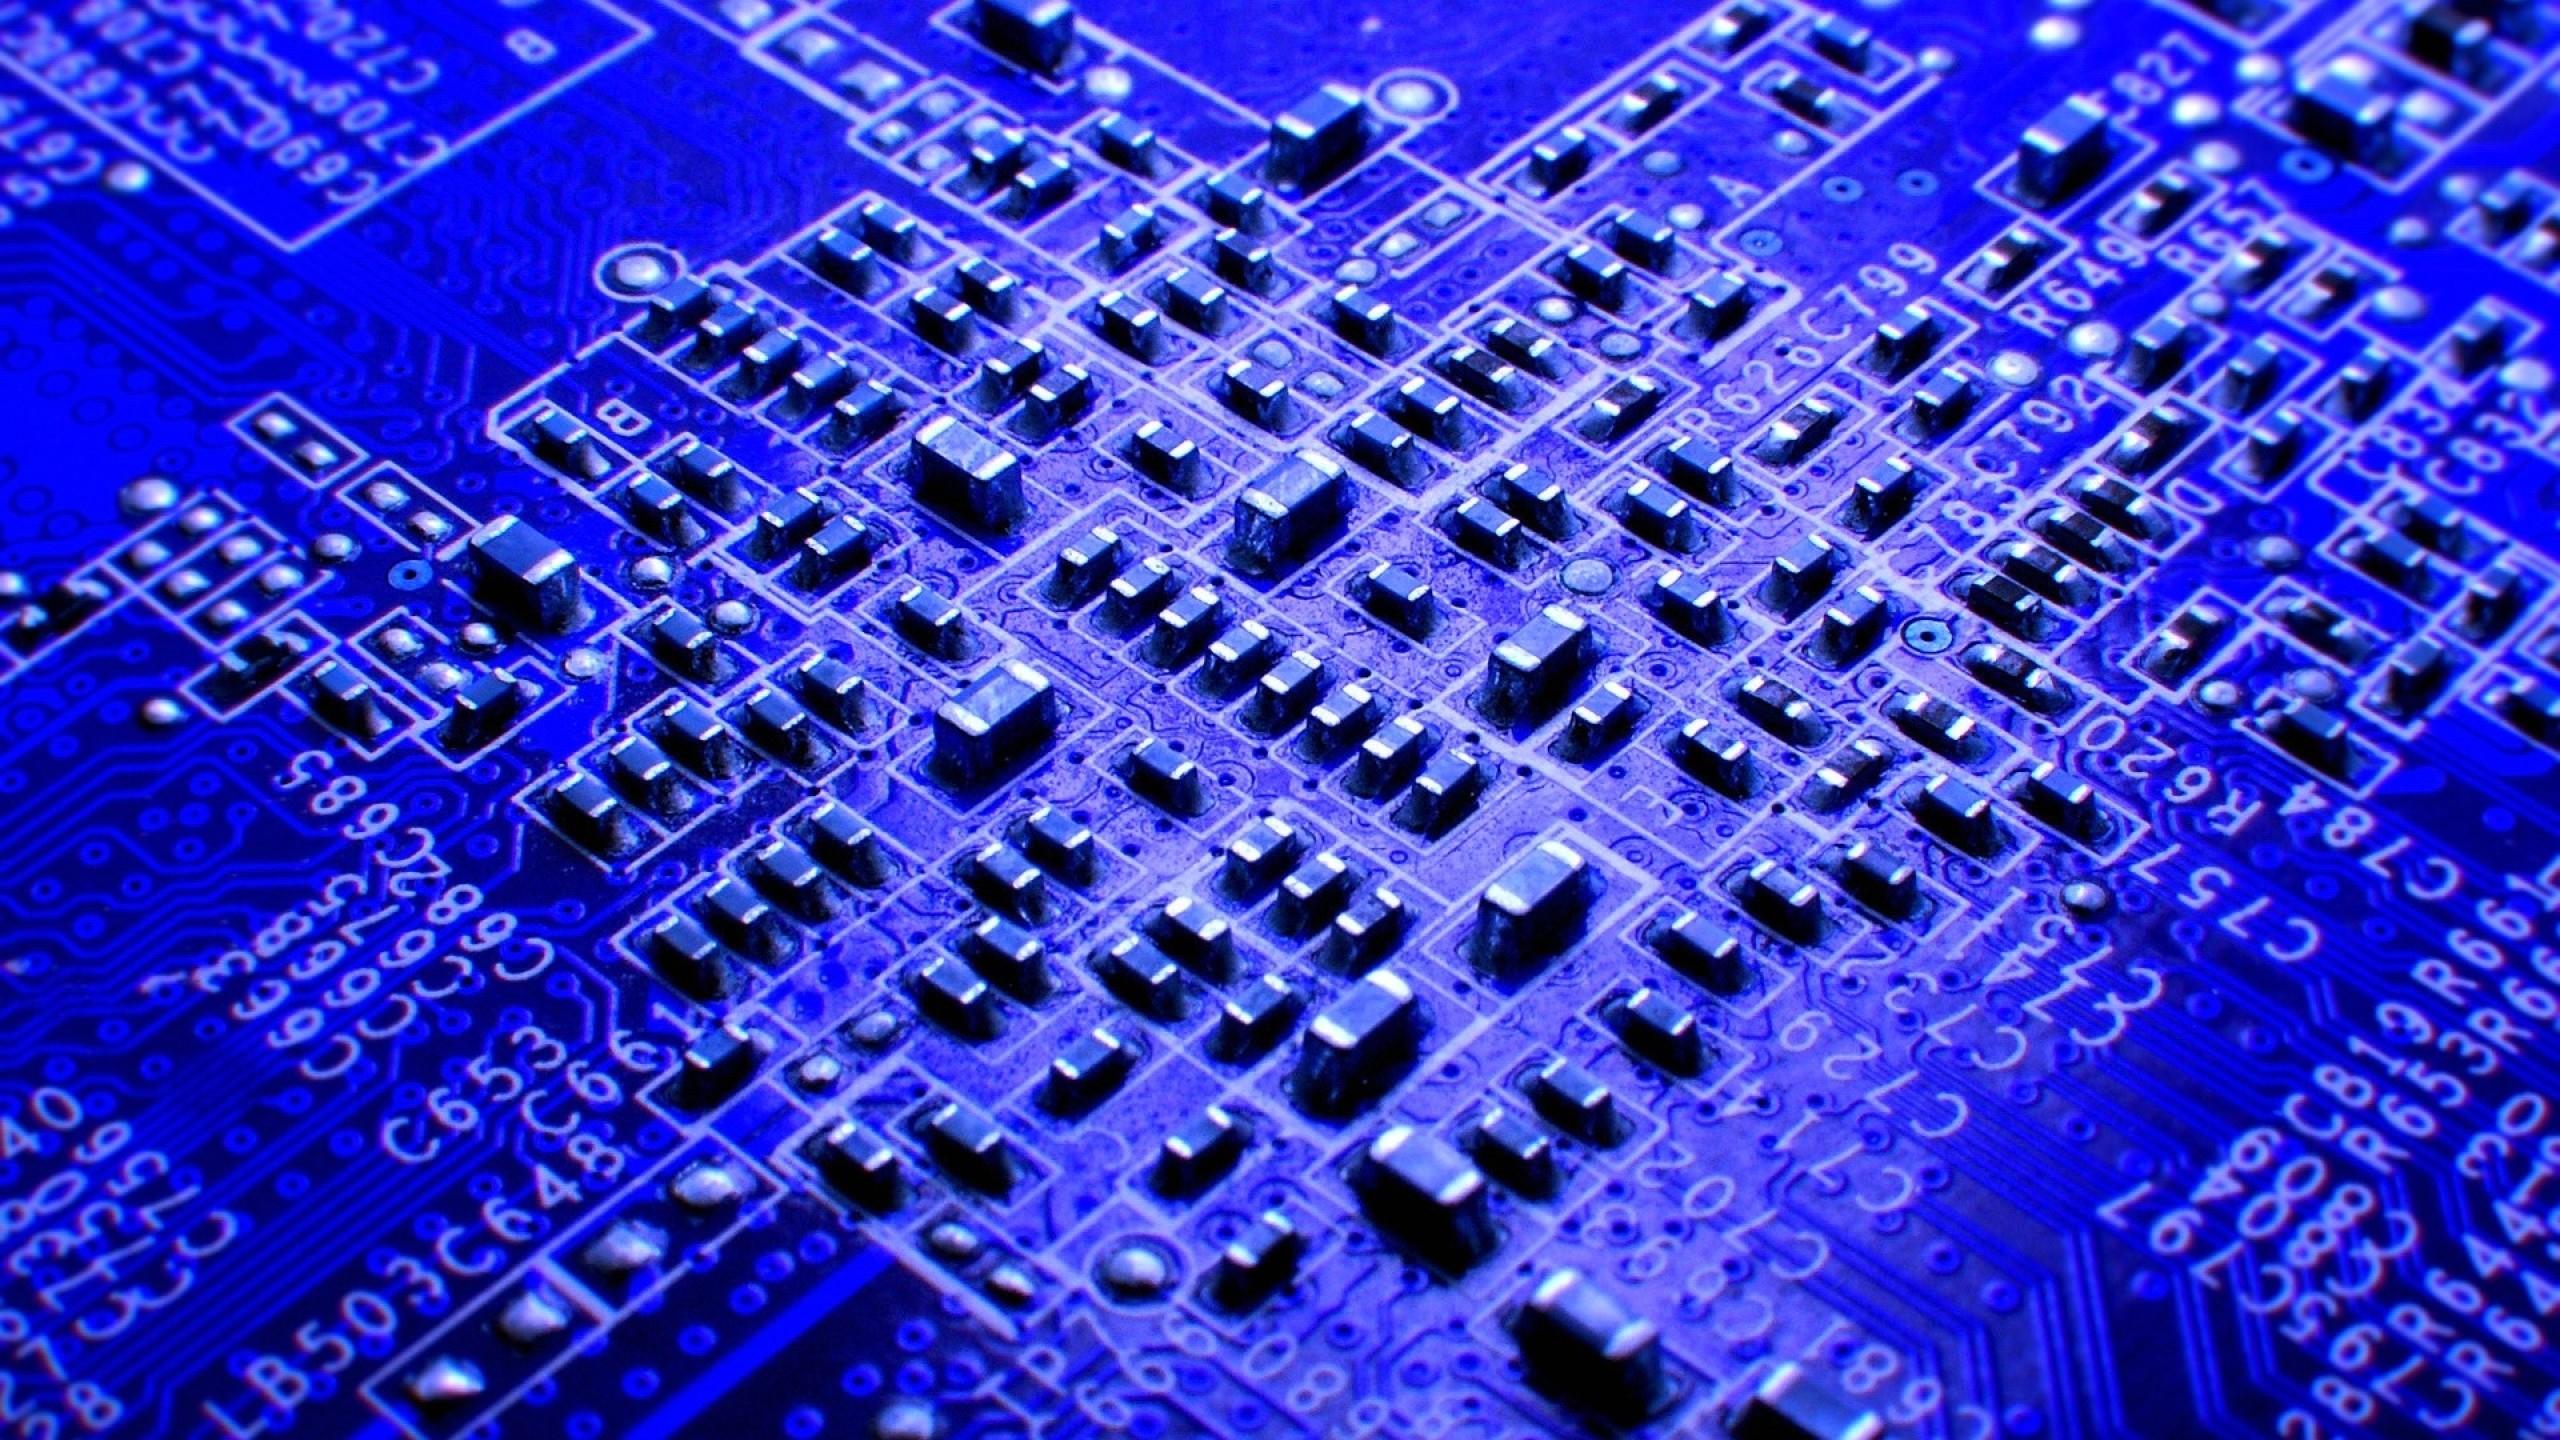 macro circuit boards 1920×1080 wallpaper Wallpaper HD